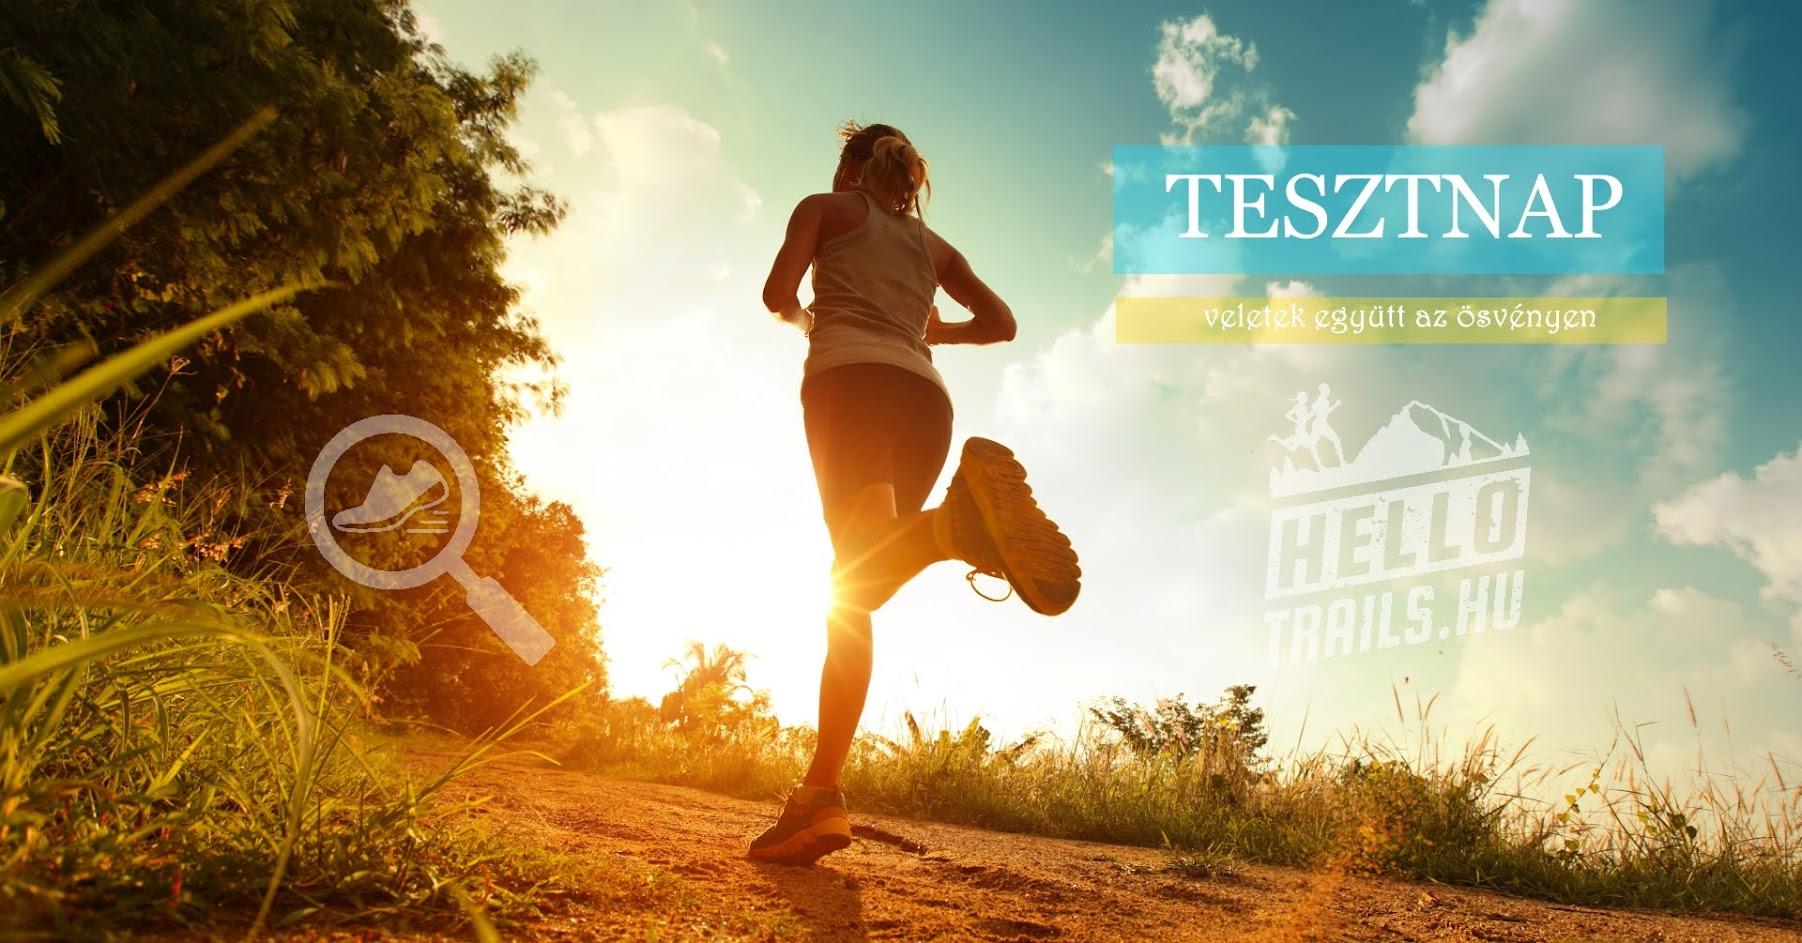 Tesztnap Hello Trails.hu Hoka Leki Energia gél sótabletta aszalt gyümölcs magvak frissítő felszerelés teszt